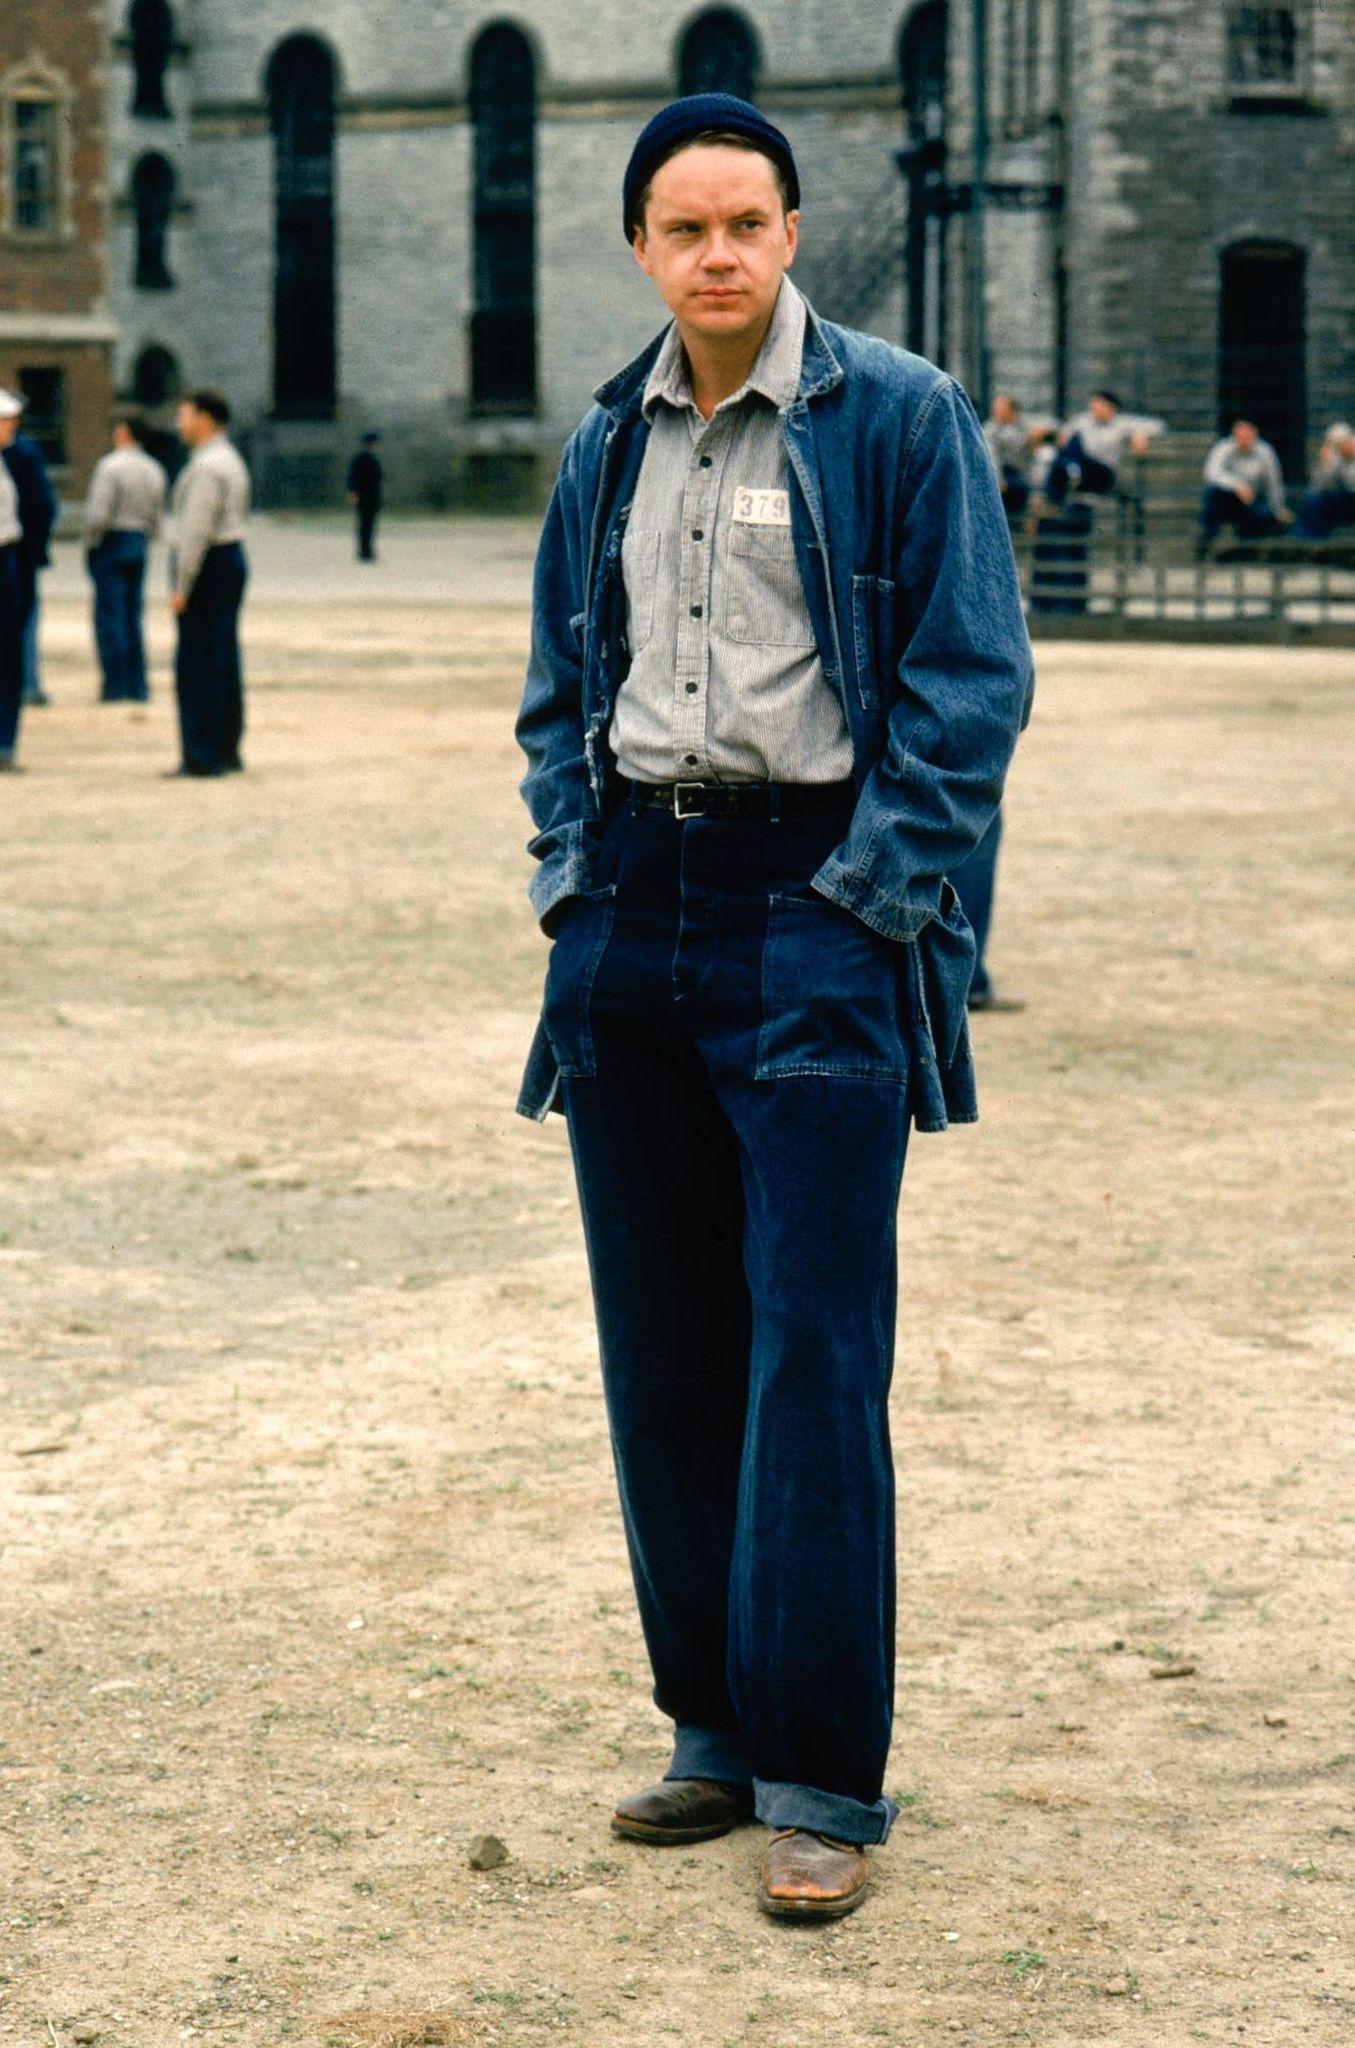 Tim Robbins in The Shawshank Redemption (1994)